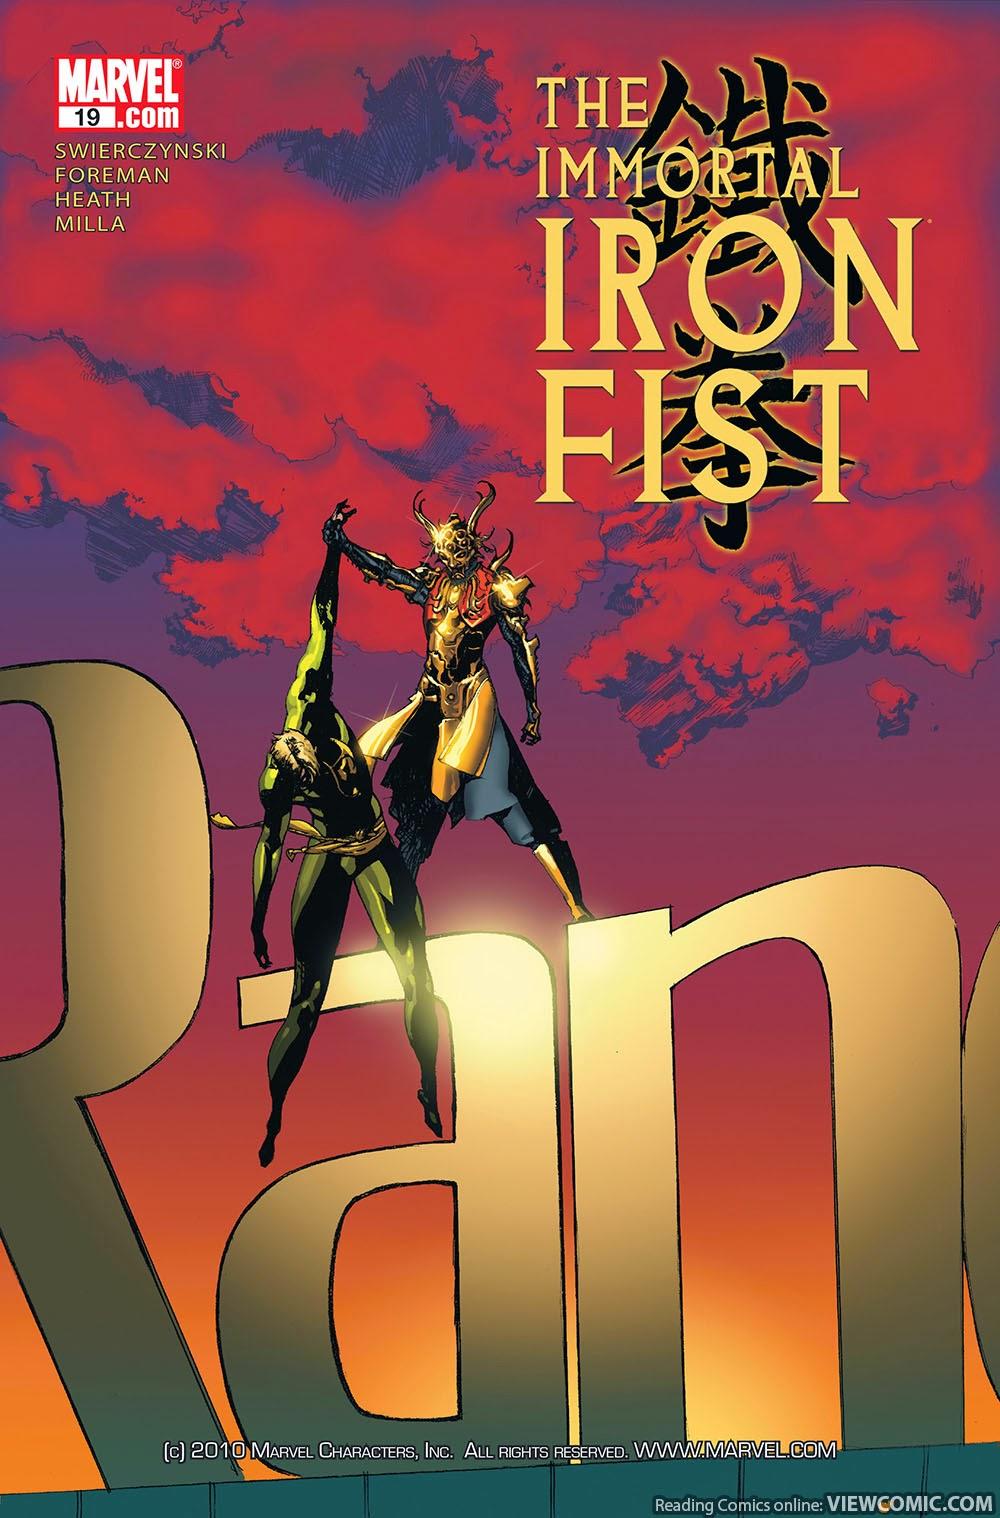 Iron fist comic